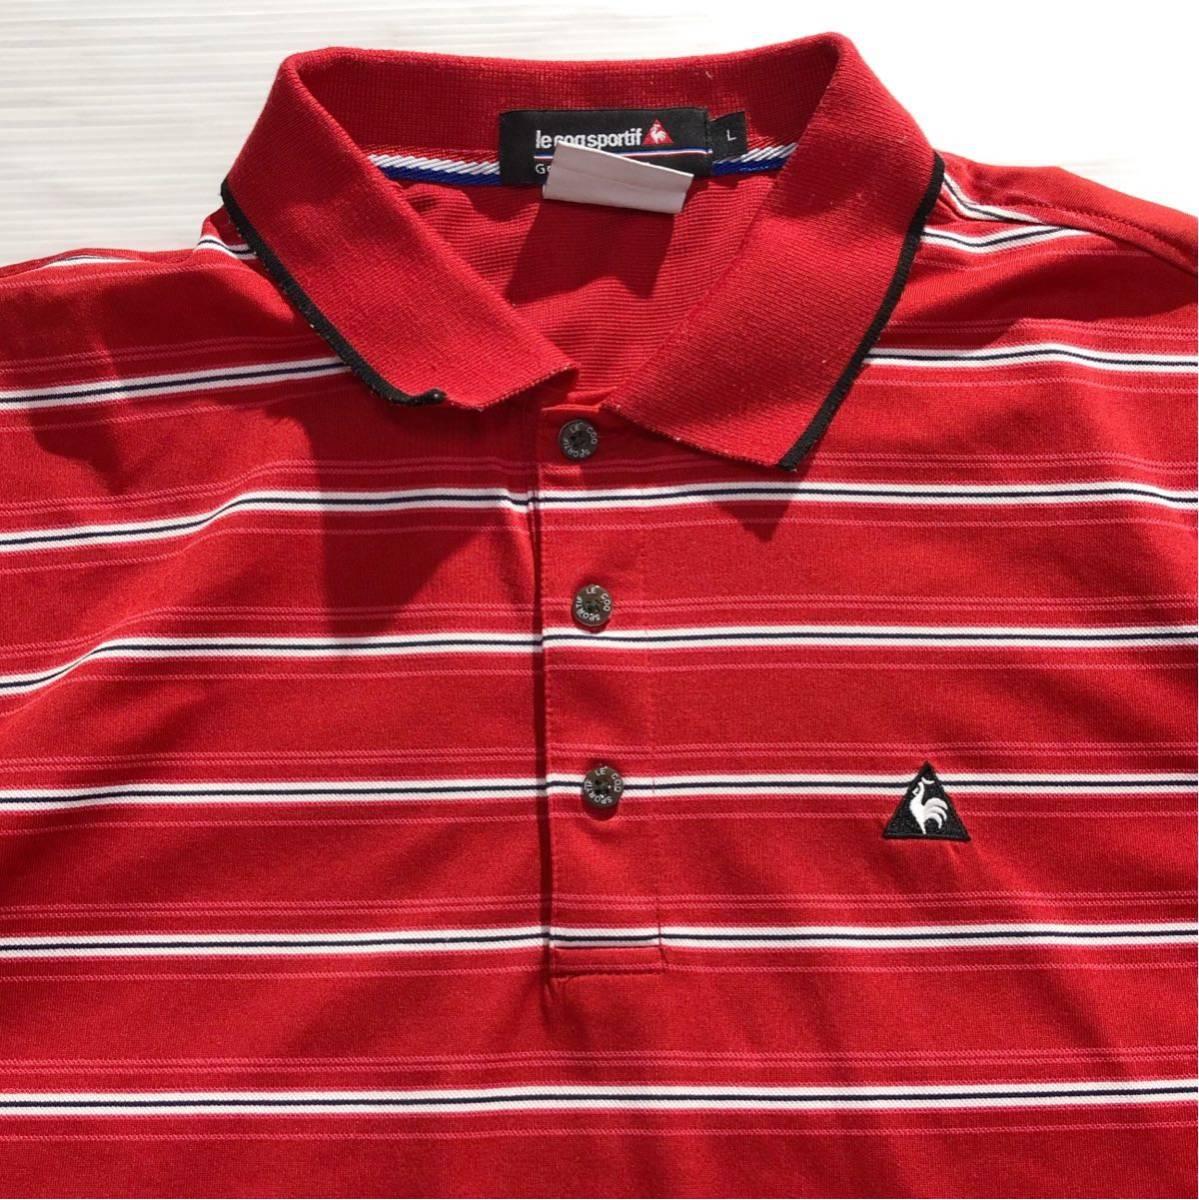 《le coq sportif GOLF ルコックゴルフ》ホワイトライン ロゴ刺繍 ボーダー柄 半袖 ポロシャツ レッド×ホワイト×ブラック L_画像4